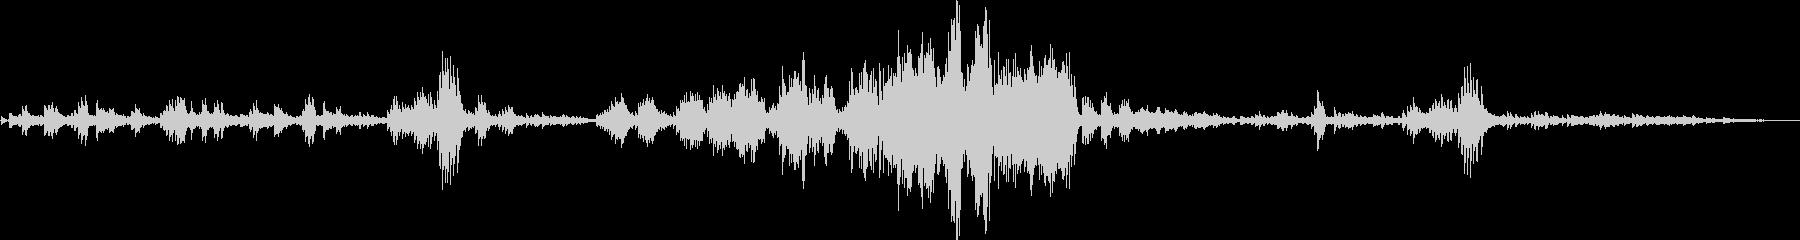 ショパン:別れの曲(ピアノソロ)の未再生の波形